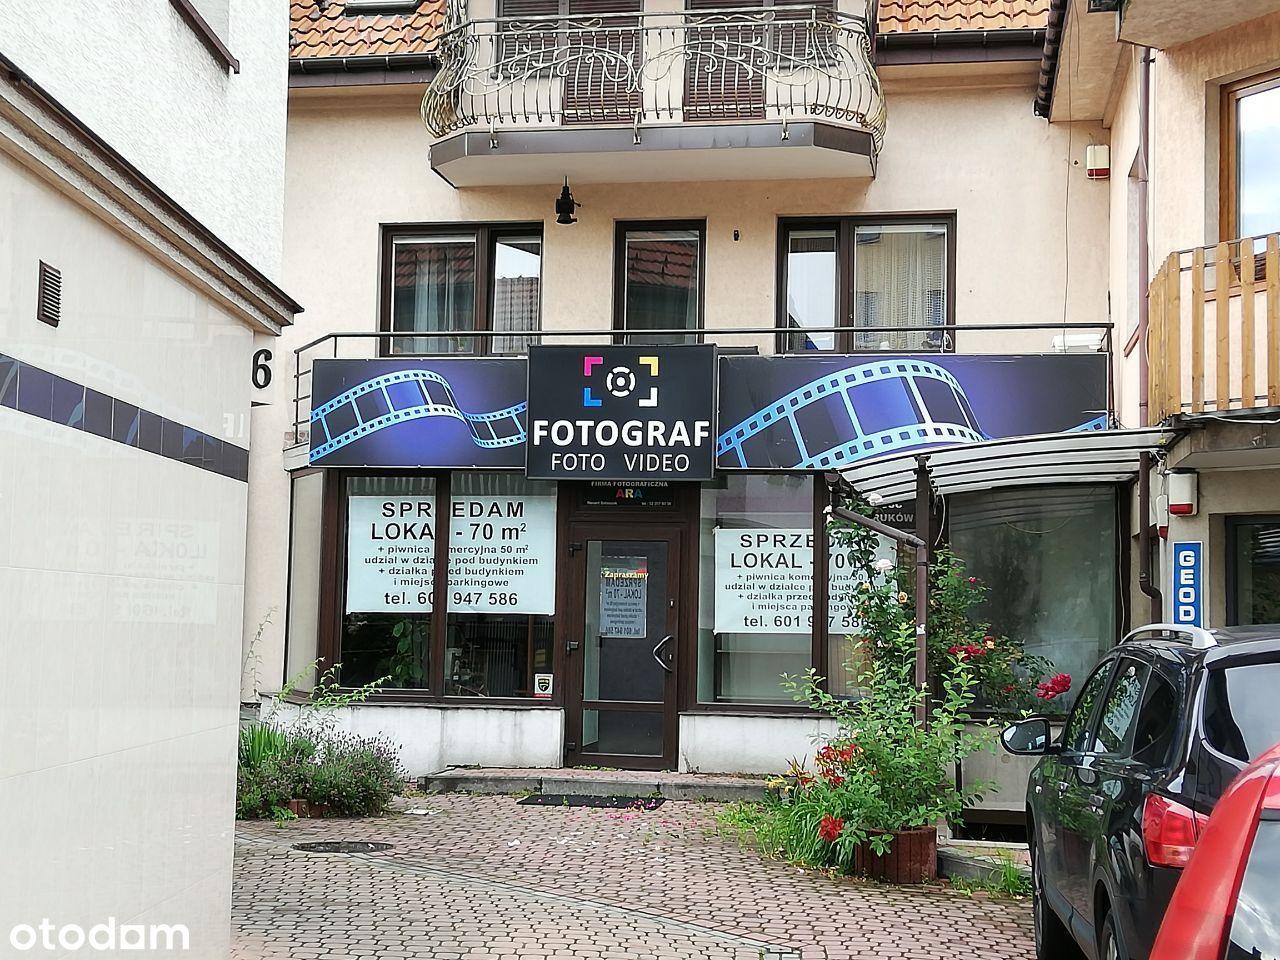 Sprzedam lokal w centrum Myślenic 70m + parking